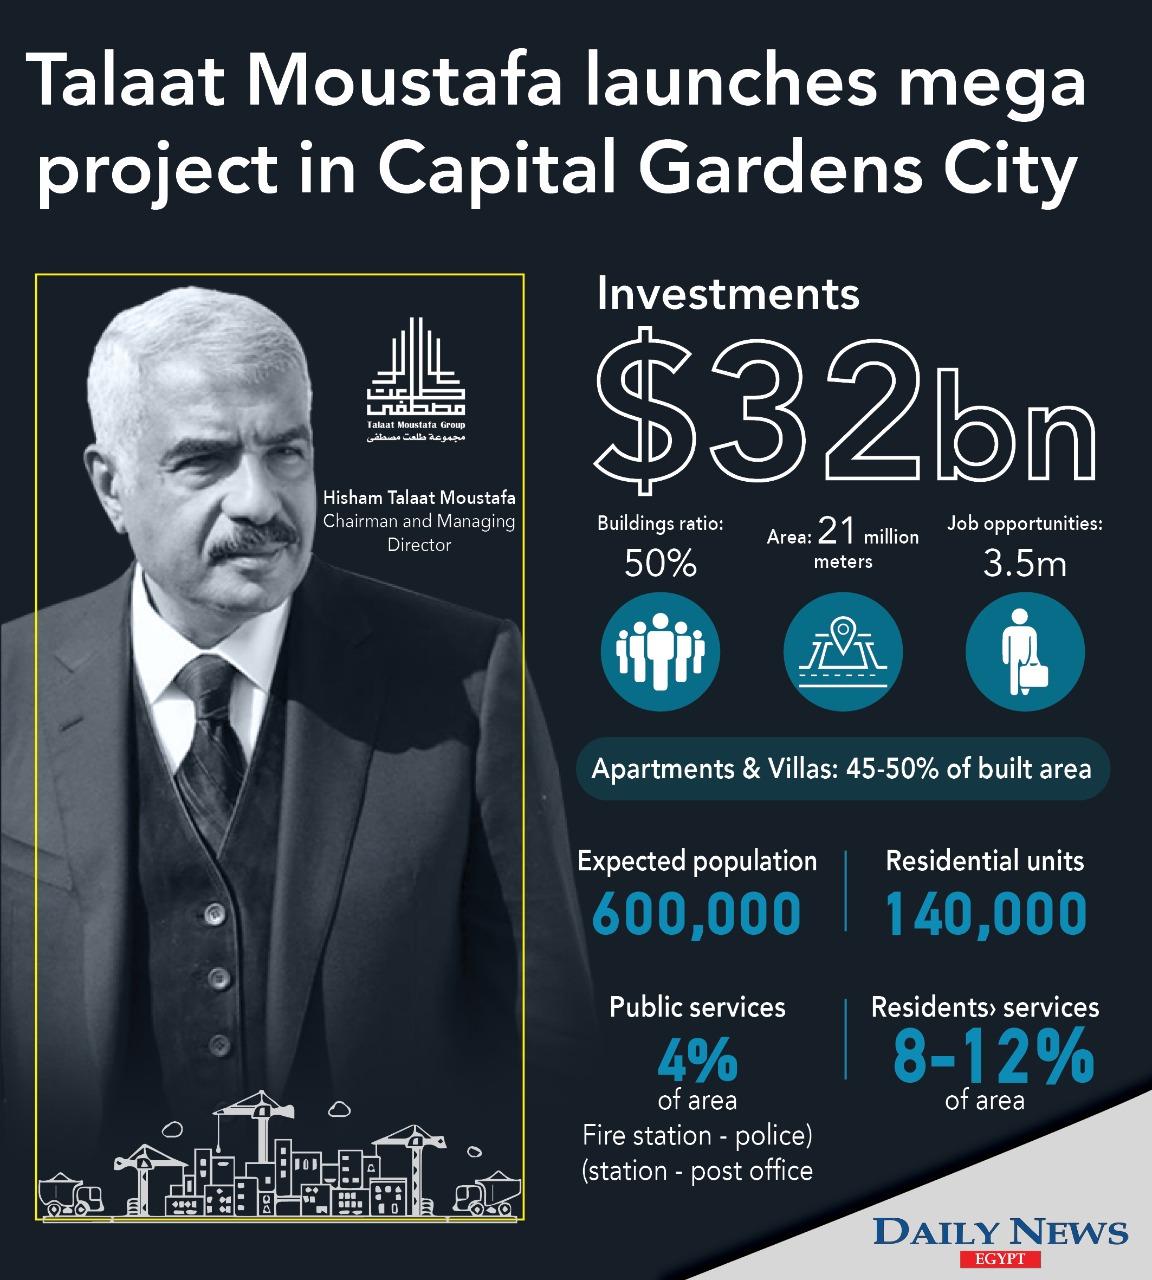 هشام طلعت مصطفی ، رئیس و مدیر عامل شرکت TMG ، گفت که این پروژه با 500 میلیارد EGP (32 میلیارد دلار) سرمایه گذاری ایجاد می شود و 3.5 میلیون فرصت شغلی مستقیم و غیرمستقیم فراهم می کند.